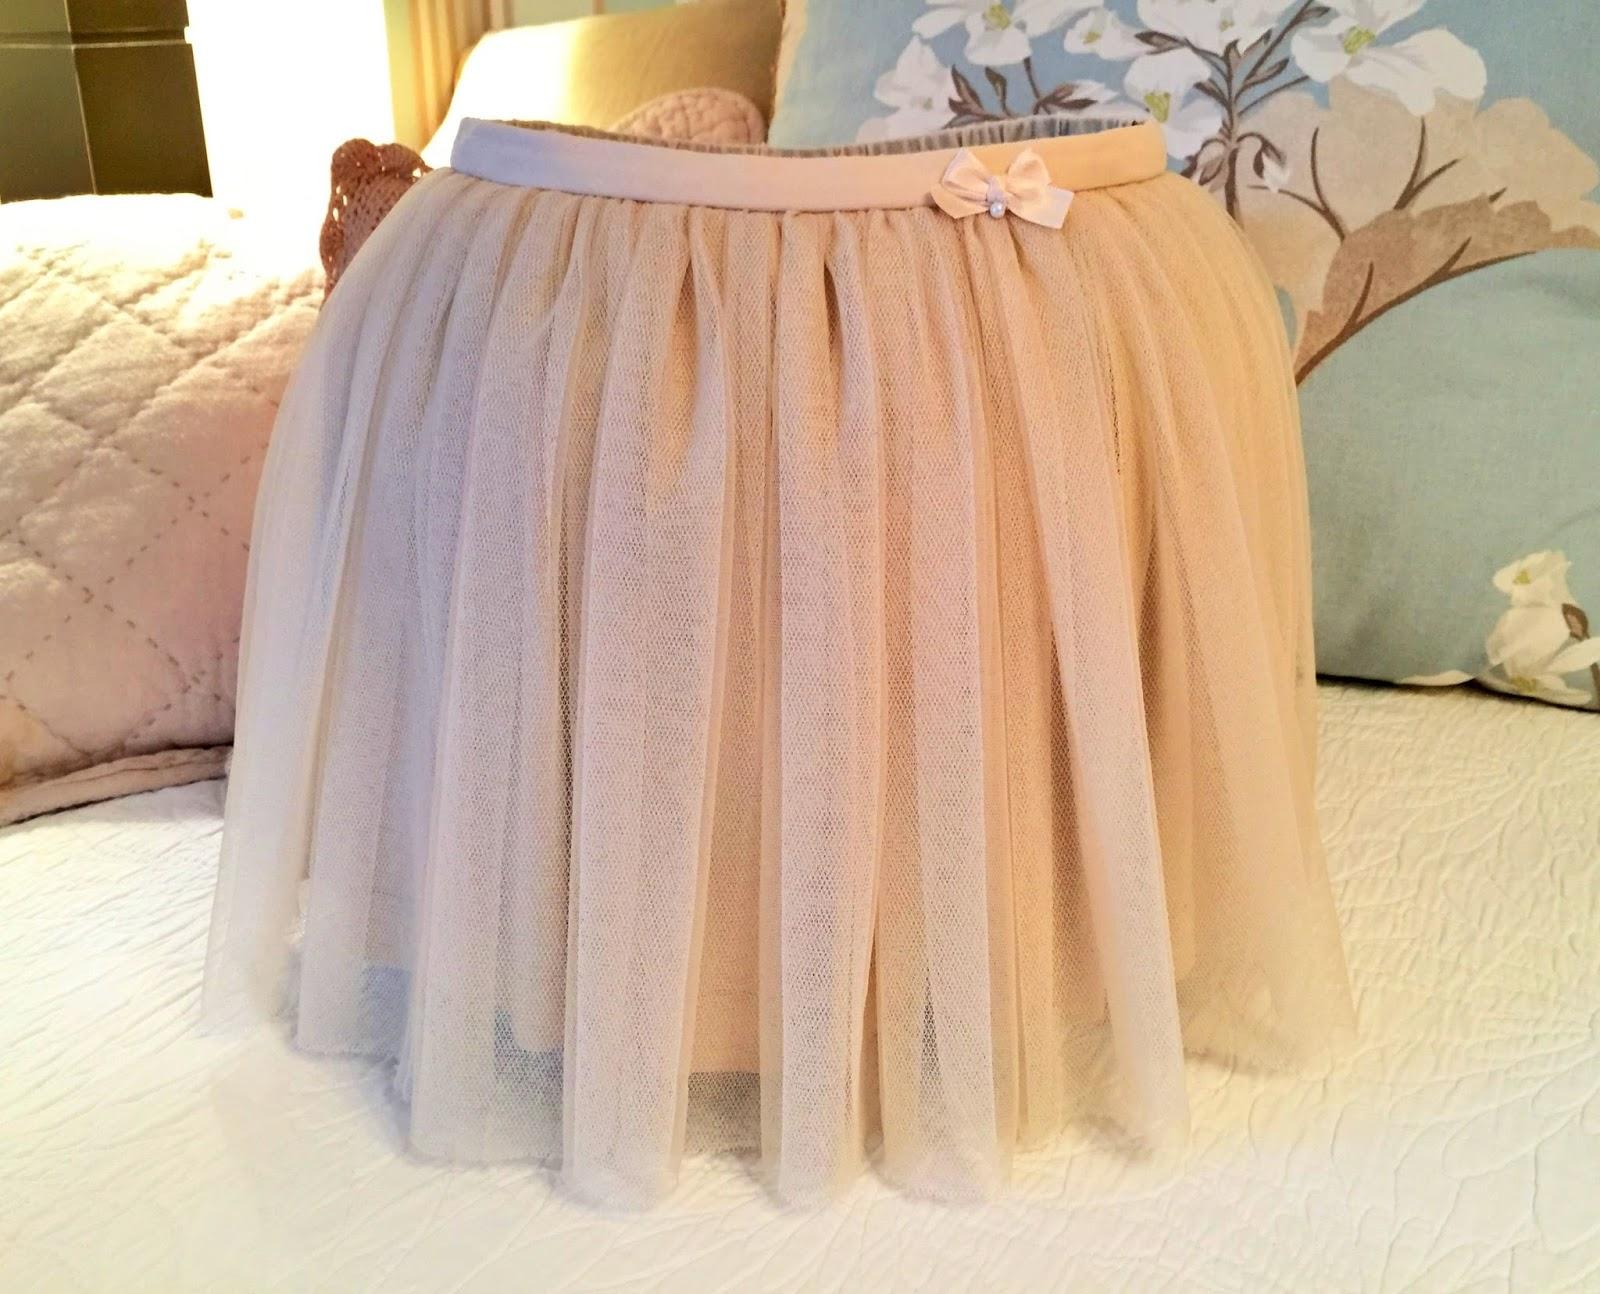 a11c7830a Ha sido imposible resistirse a hacer una falda de tul. ¡Son preciosas y a  las niñas les chiflan!